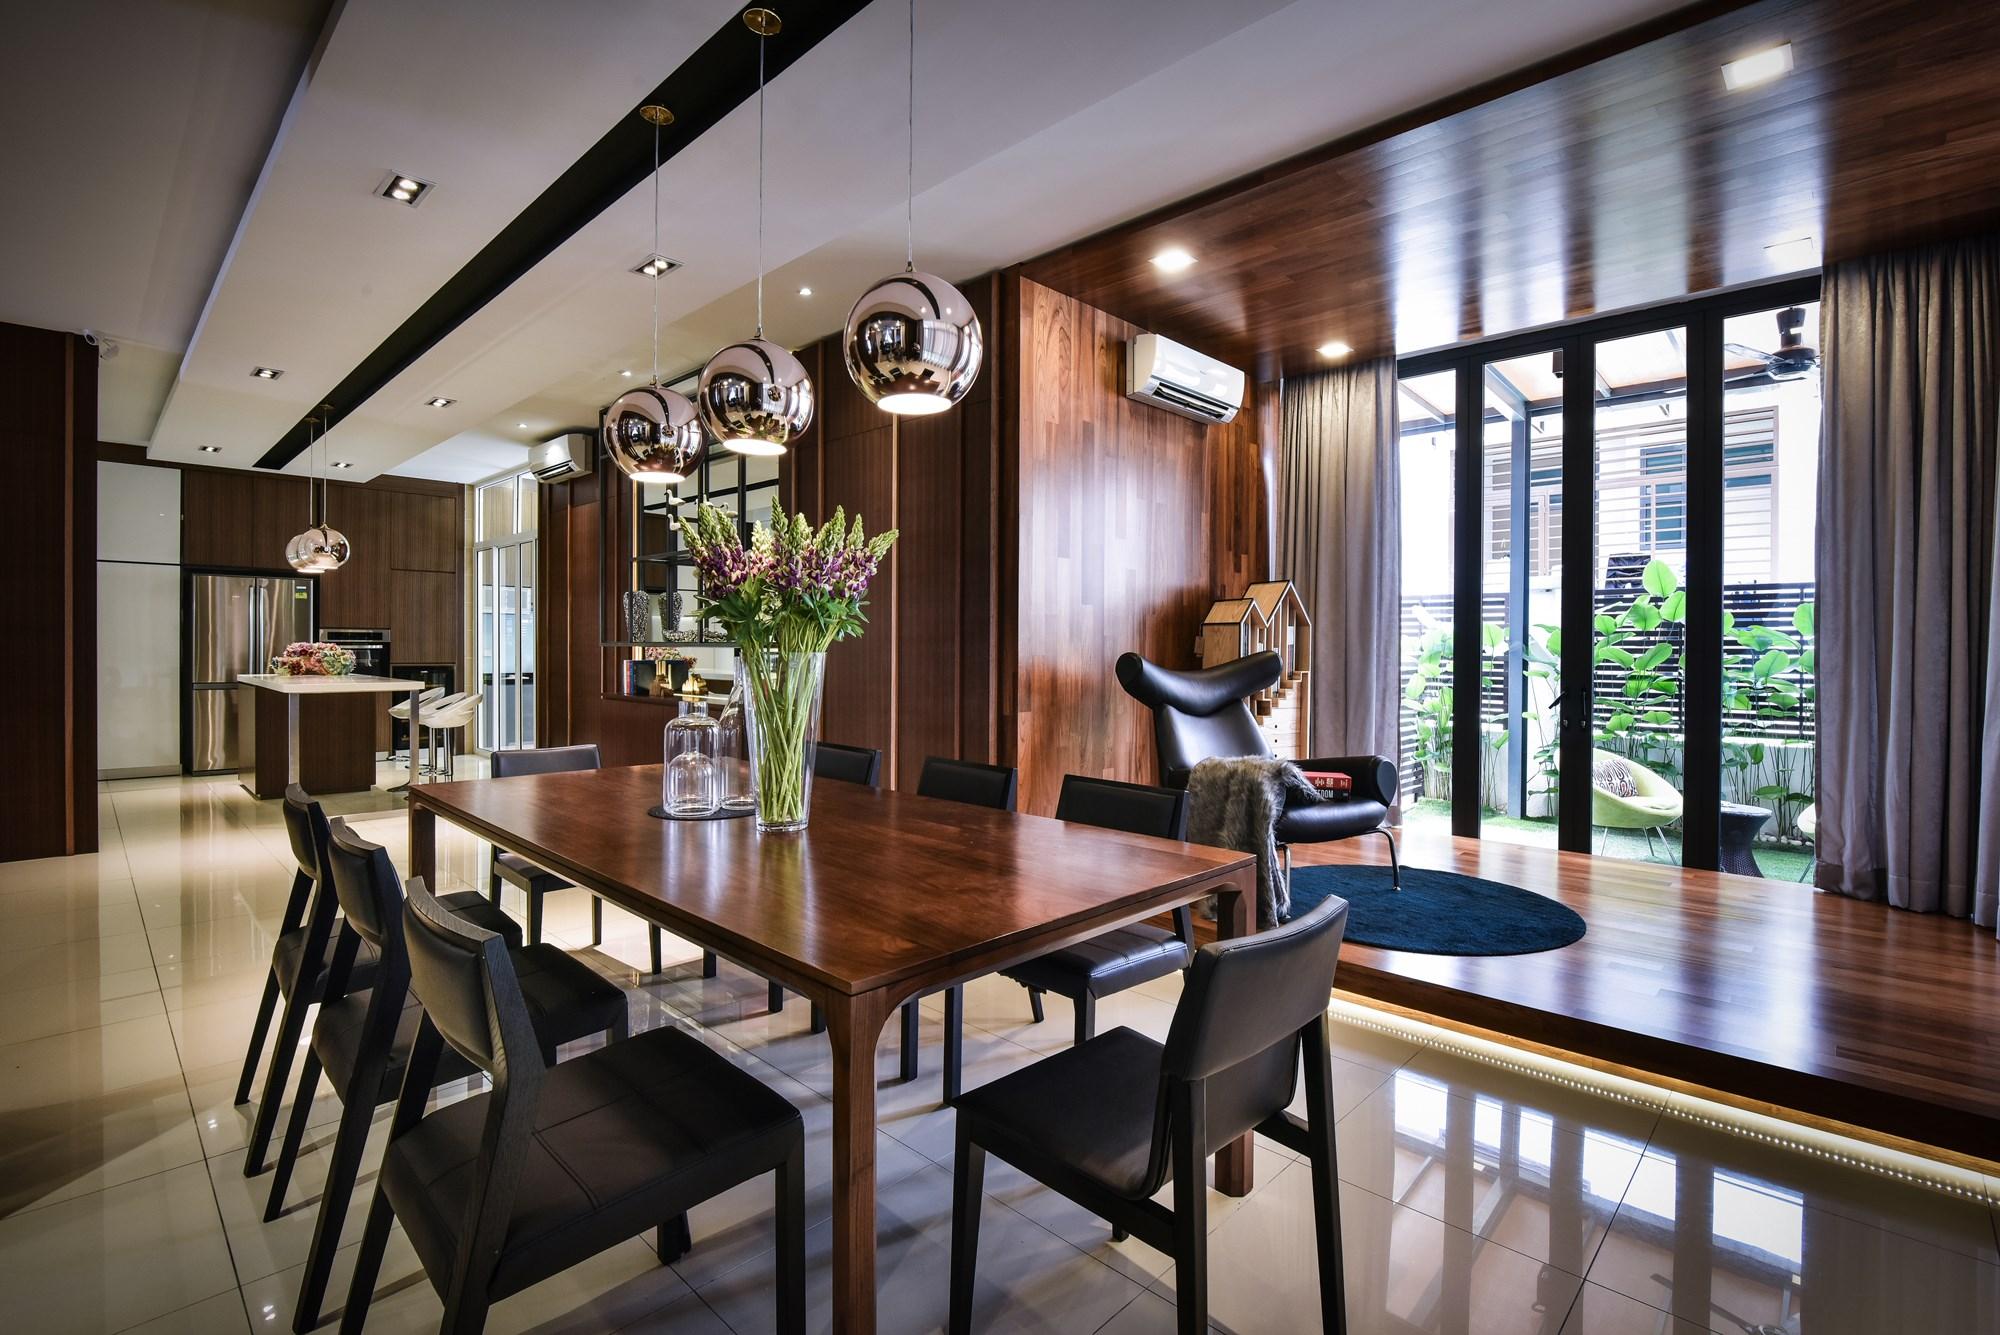 Urban Modern Interior Design: Urban Modern Style